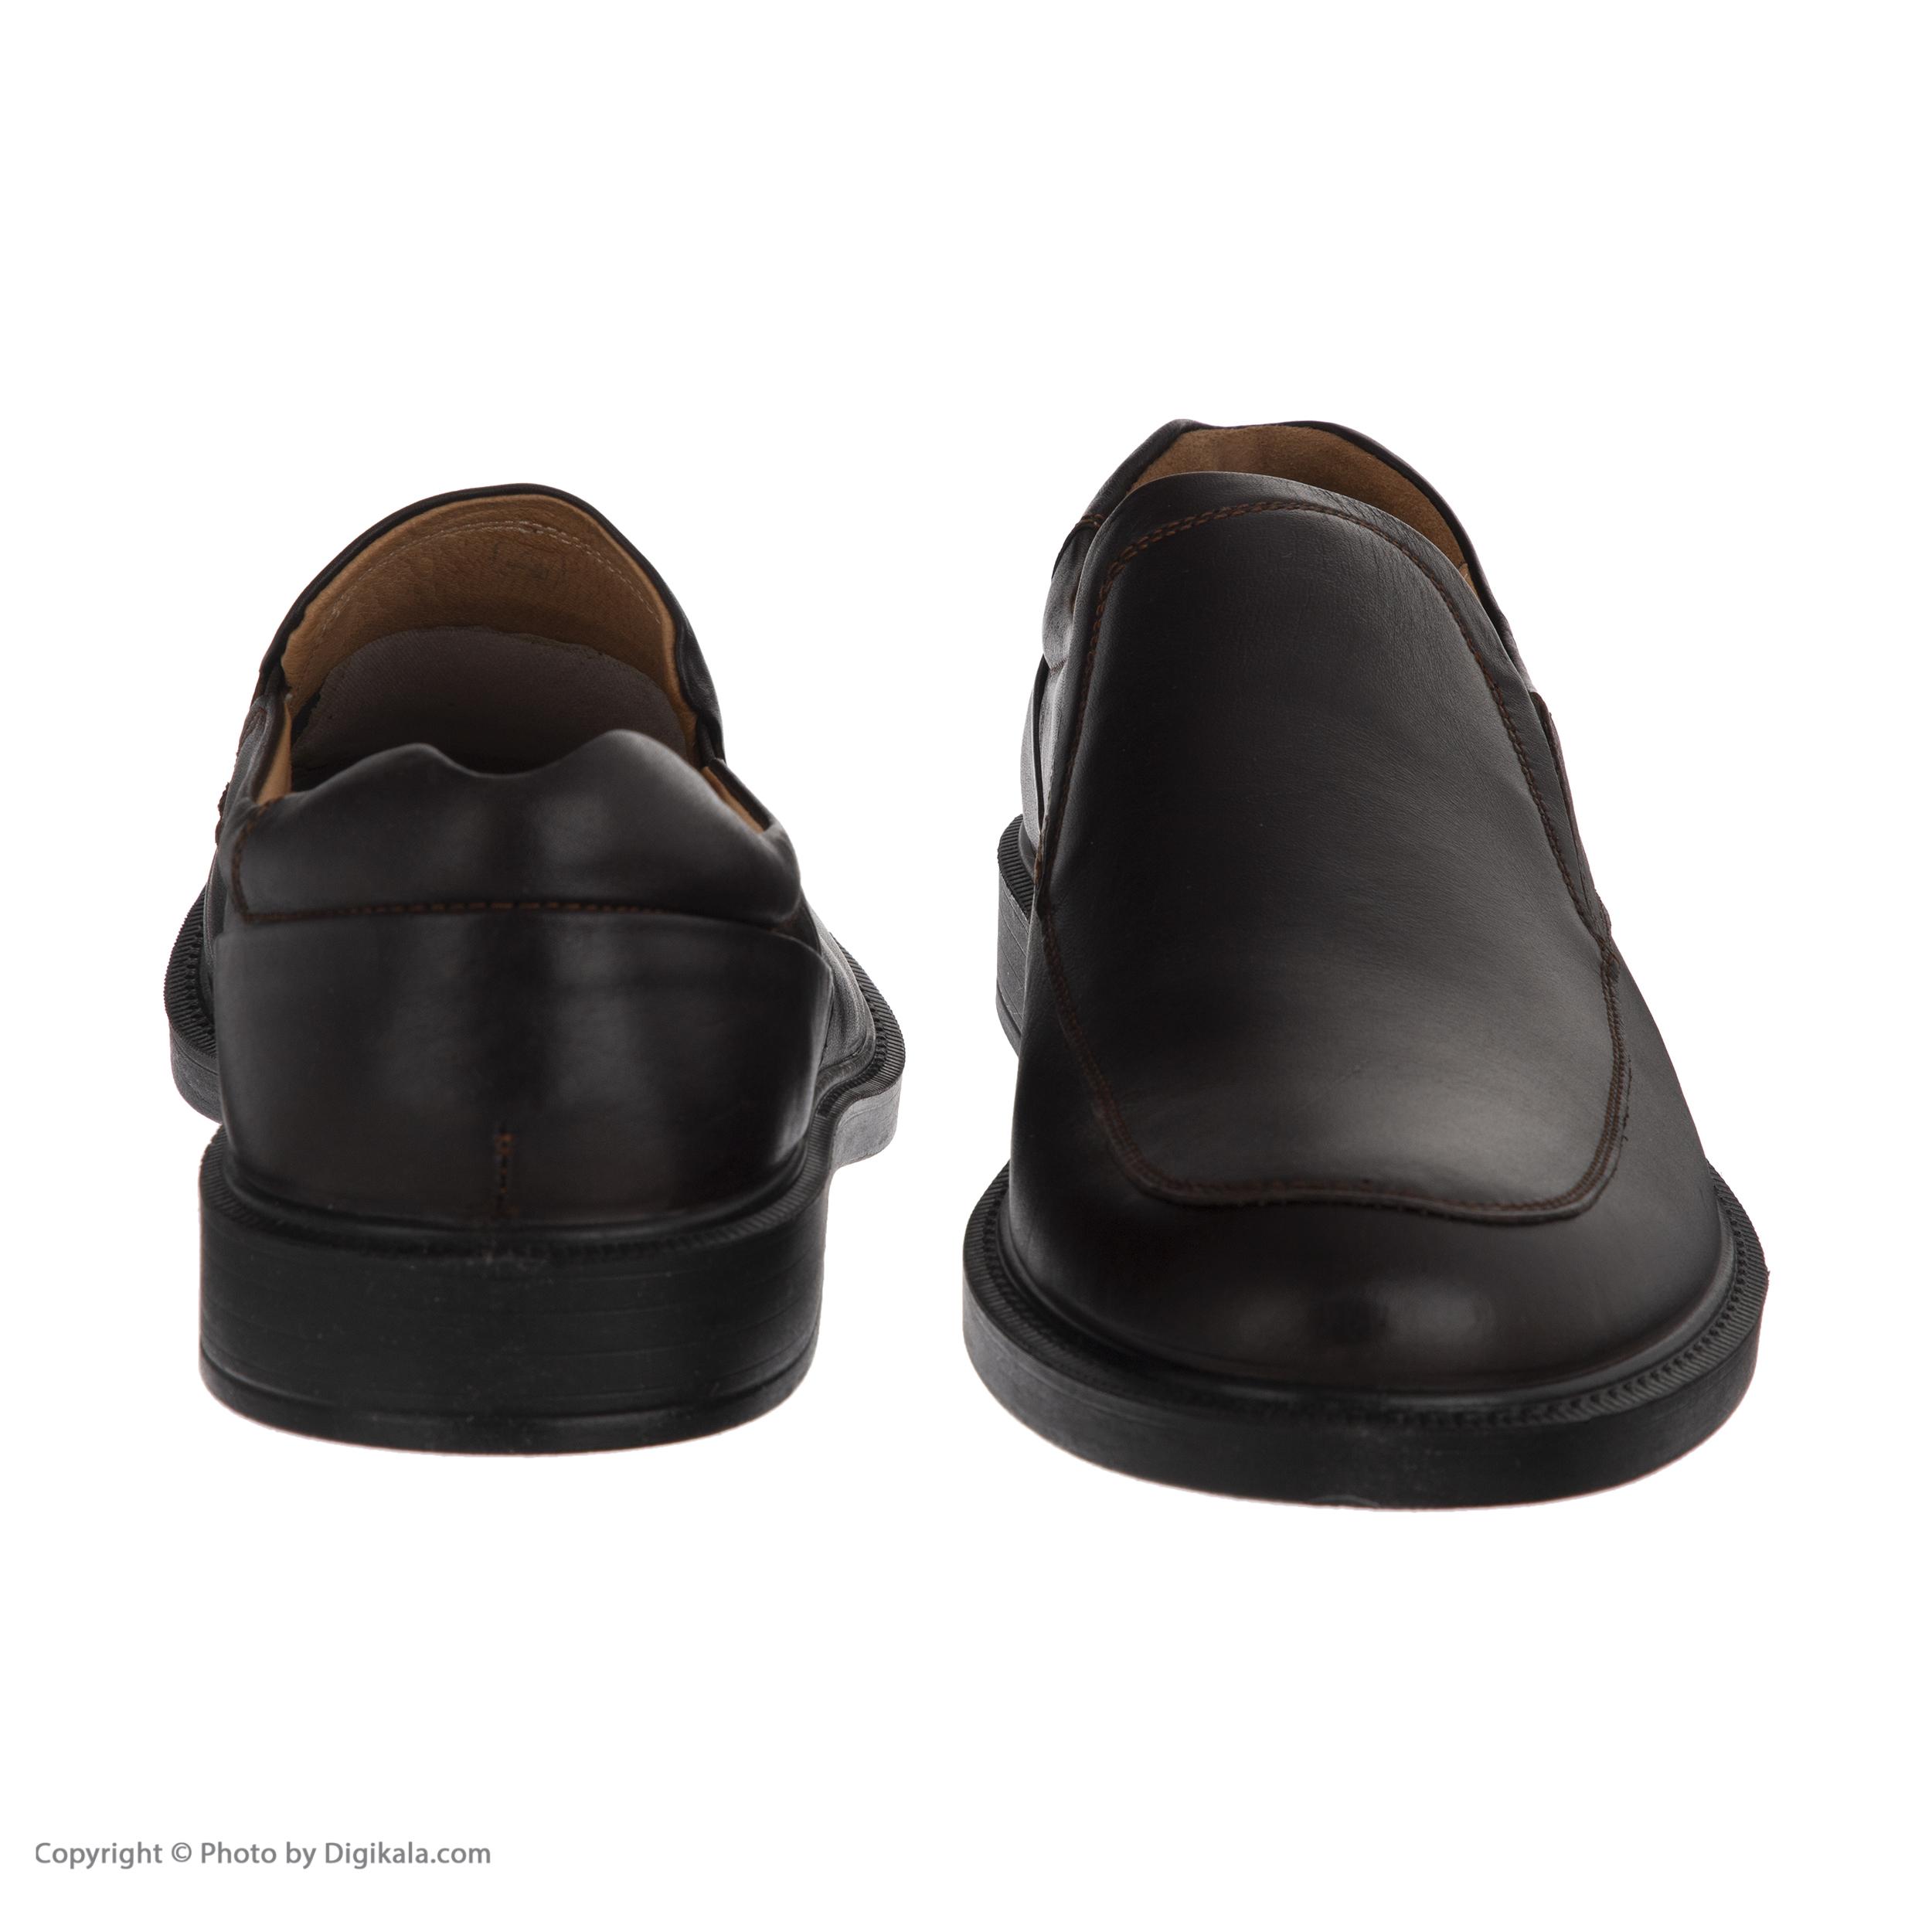 قیمت خرید کفش مردانه پاما مدل 7401C503104 اورجینال